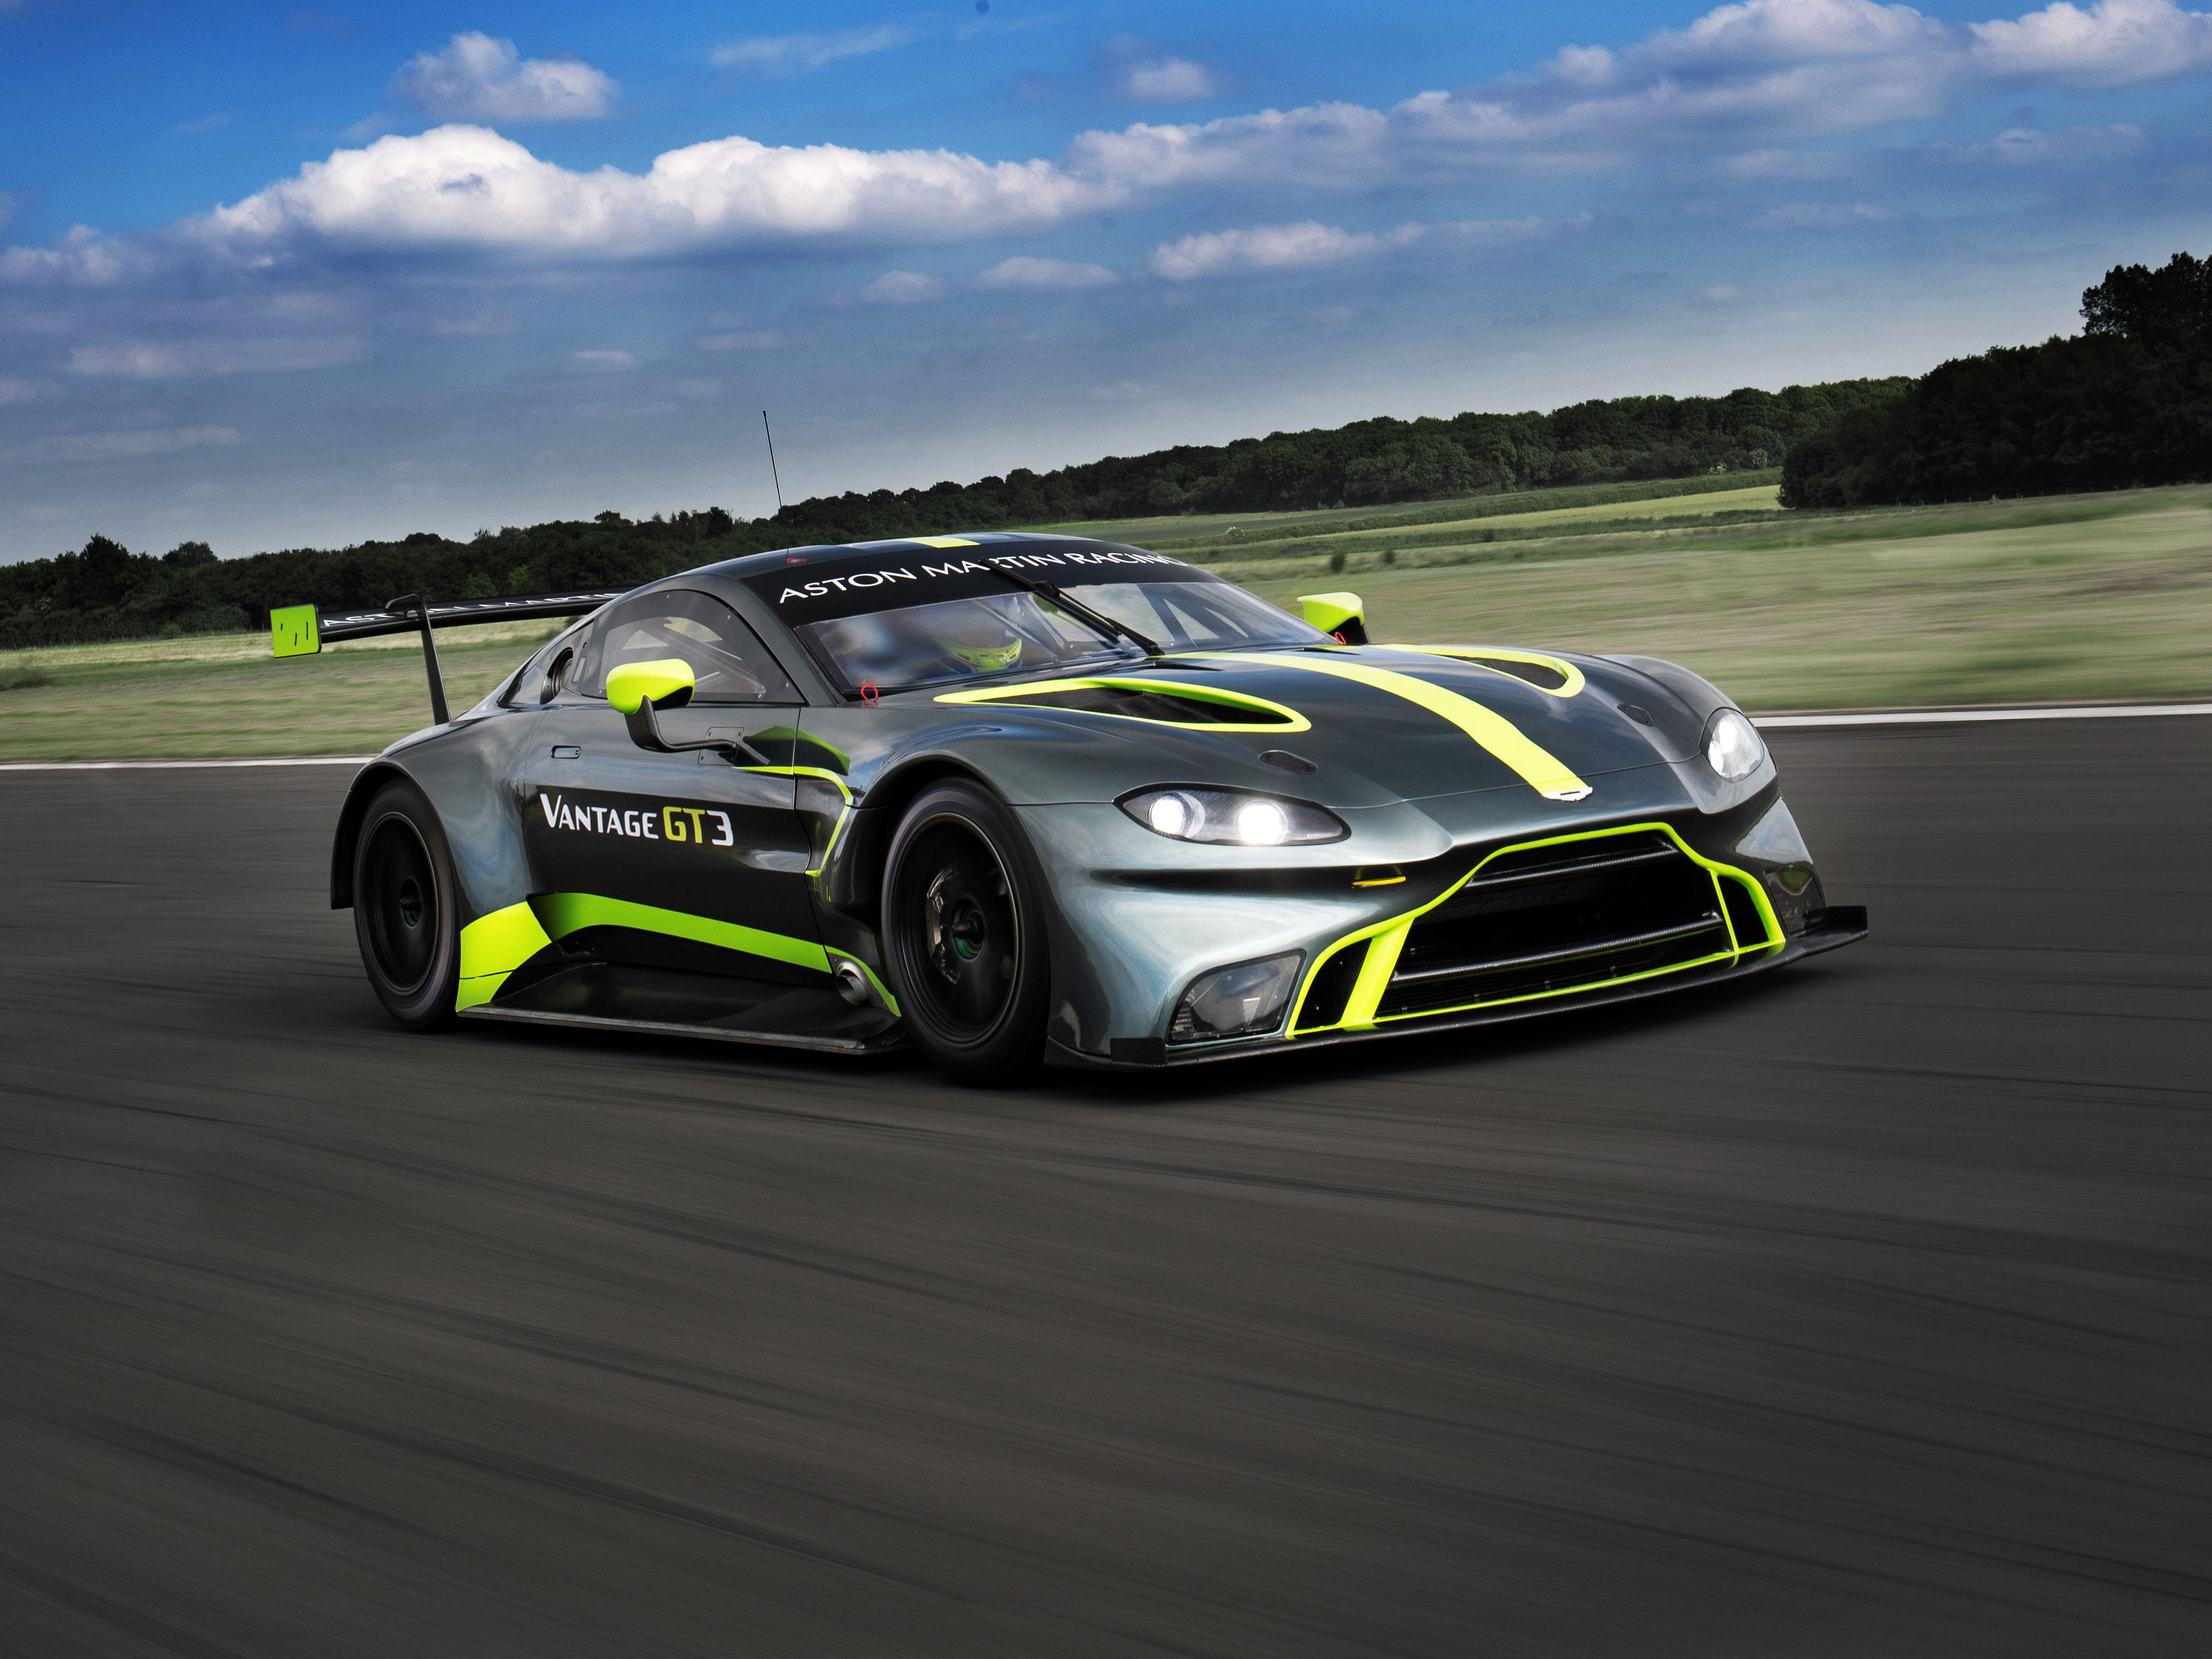 Aston Martin Gt3 And Gt4 Rich Boy Race Cars Debut Zigwheels